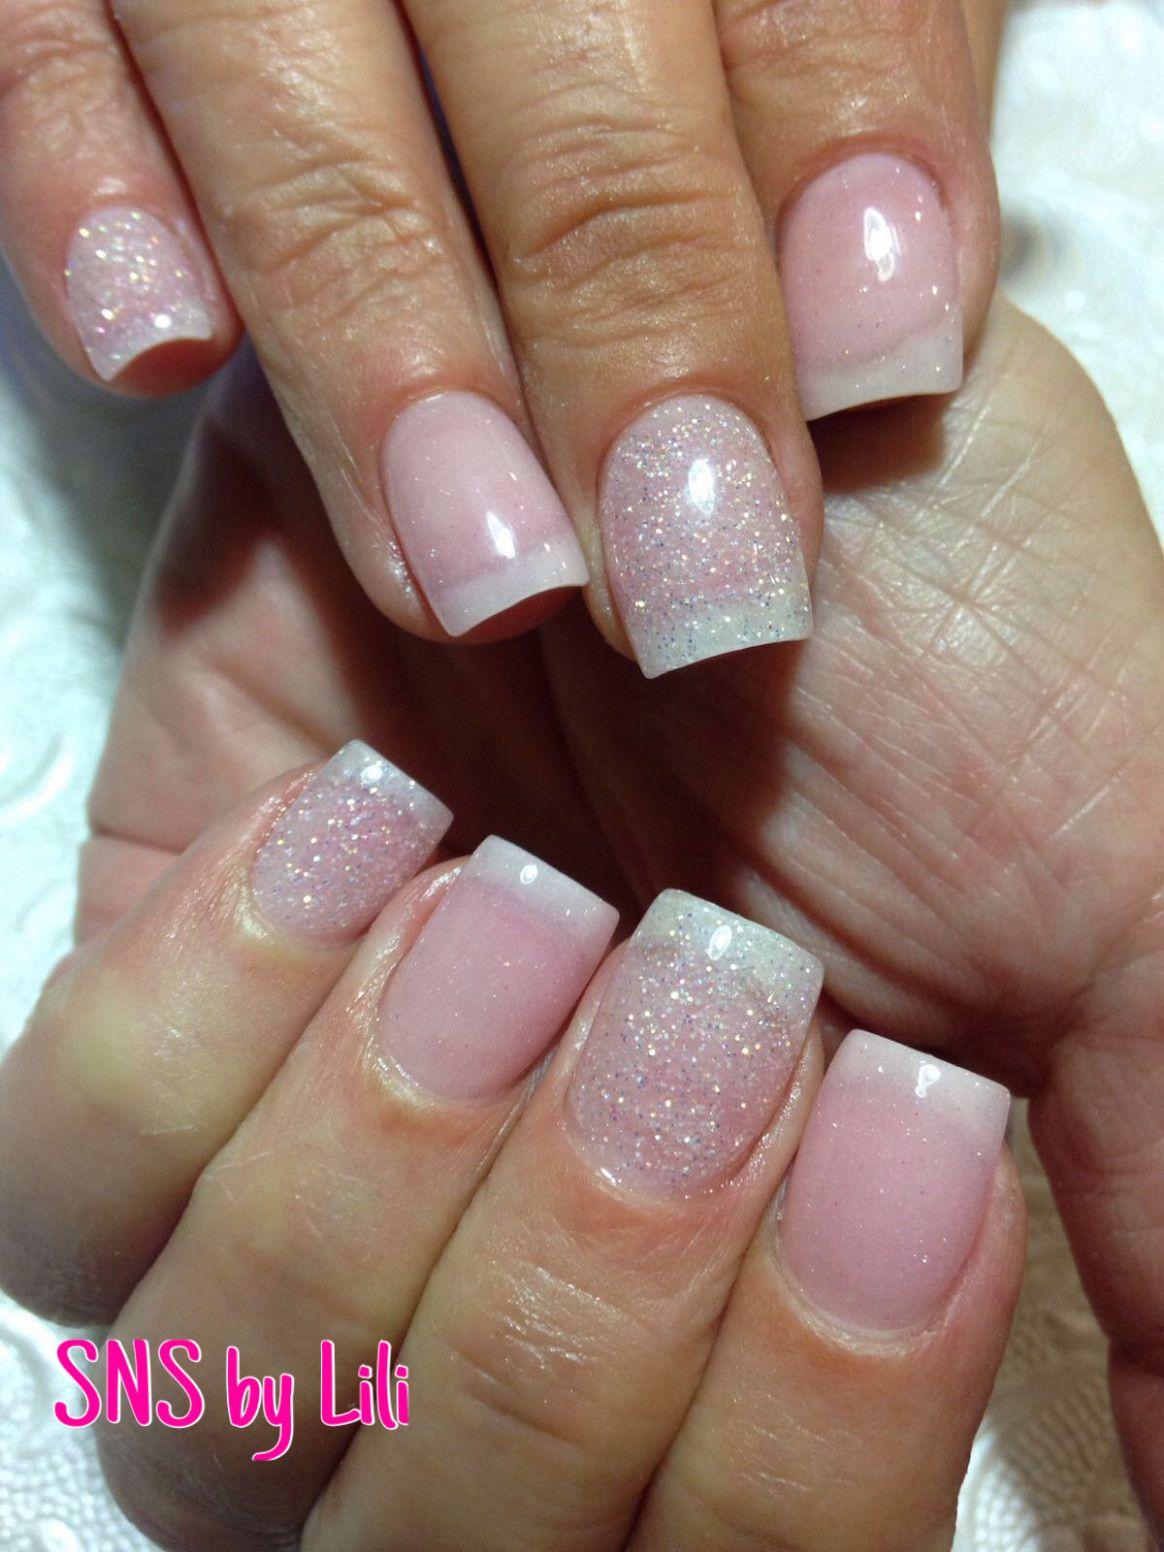 e2f047f38fcdcf8e5cbdf0d263292103 - How Much Does It Cost To Get Dipped Nails